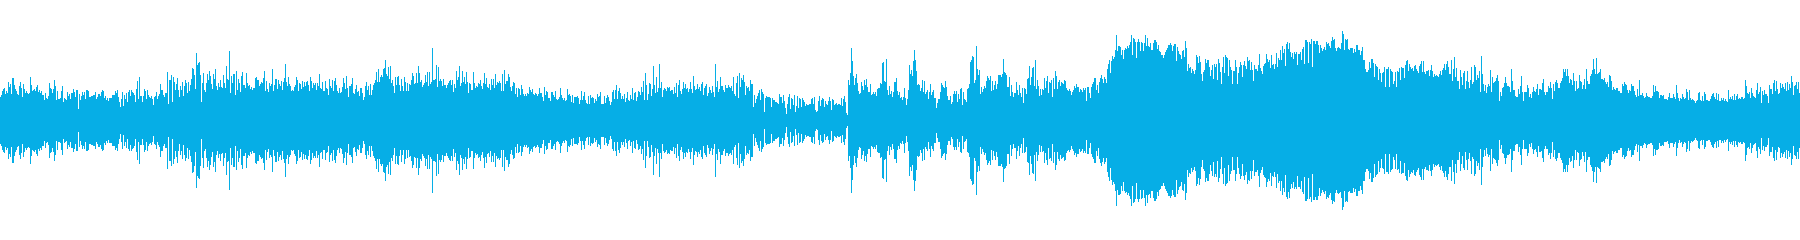 ざわざわとした緊張感のホラー系BGM の再生済みの波形